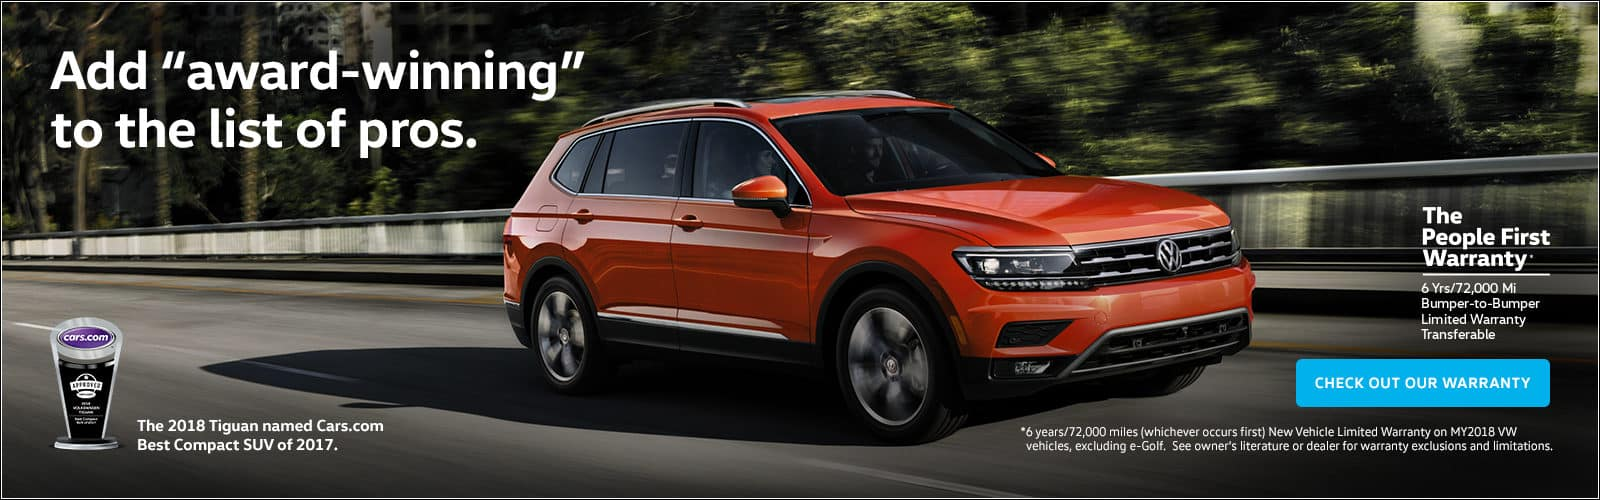 Platinum Volkswagen | Volkswagen Dealer in Hicksville, NY